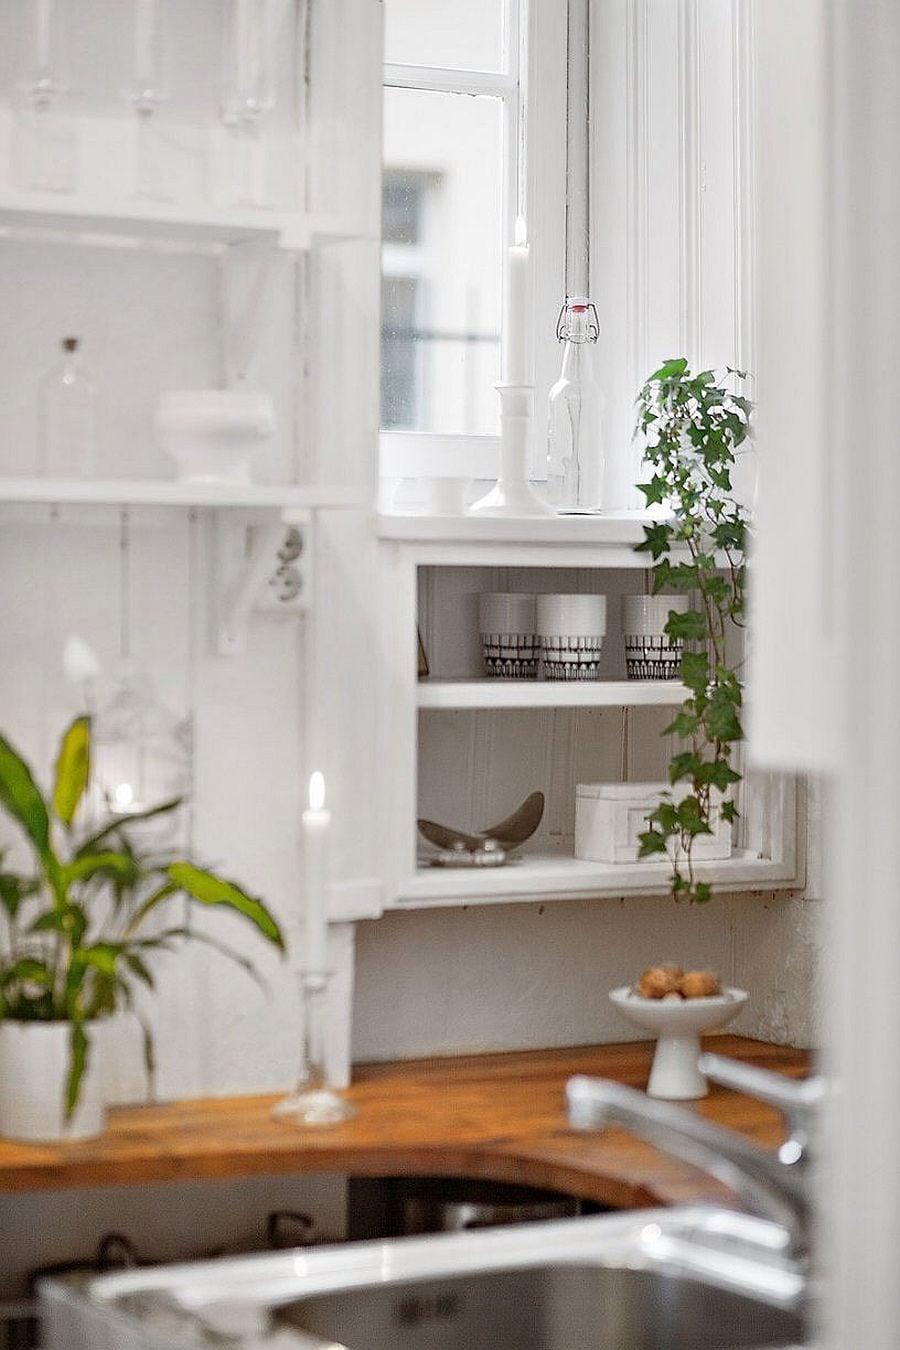 1129 Căn hộ siêu nhỏ nhưng vẫn đầy đủ tiện nghi tại Thụy Điển qpdesign